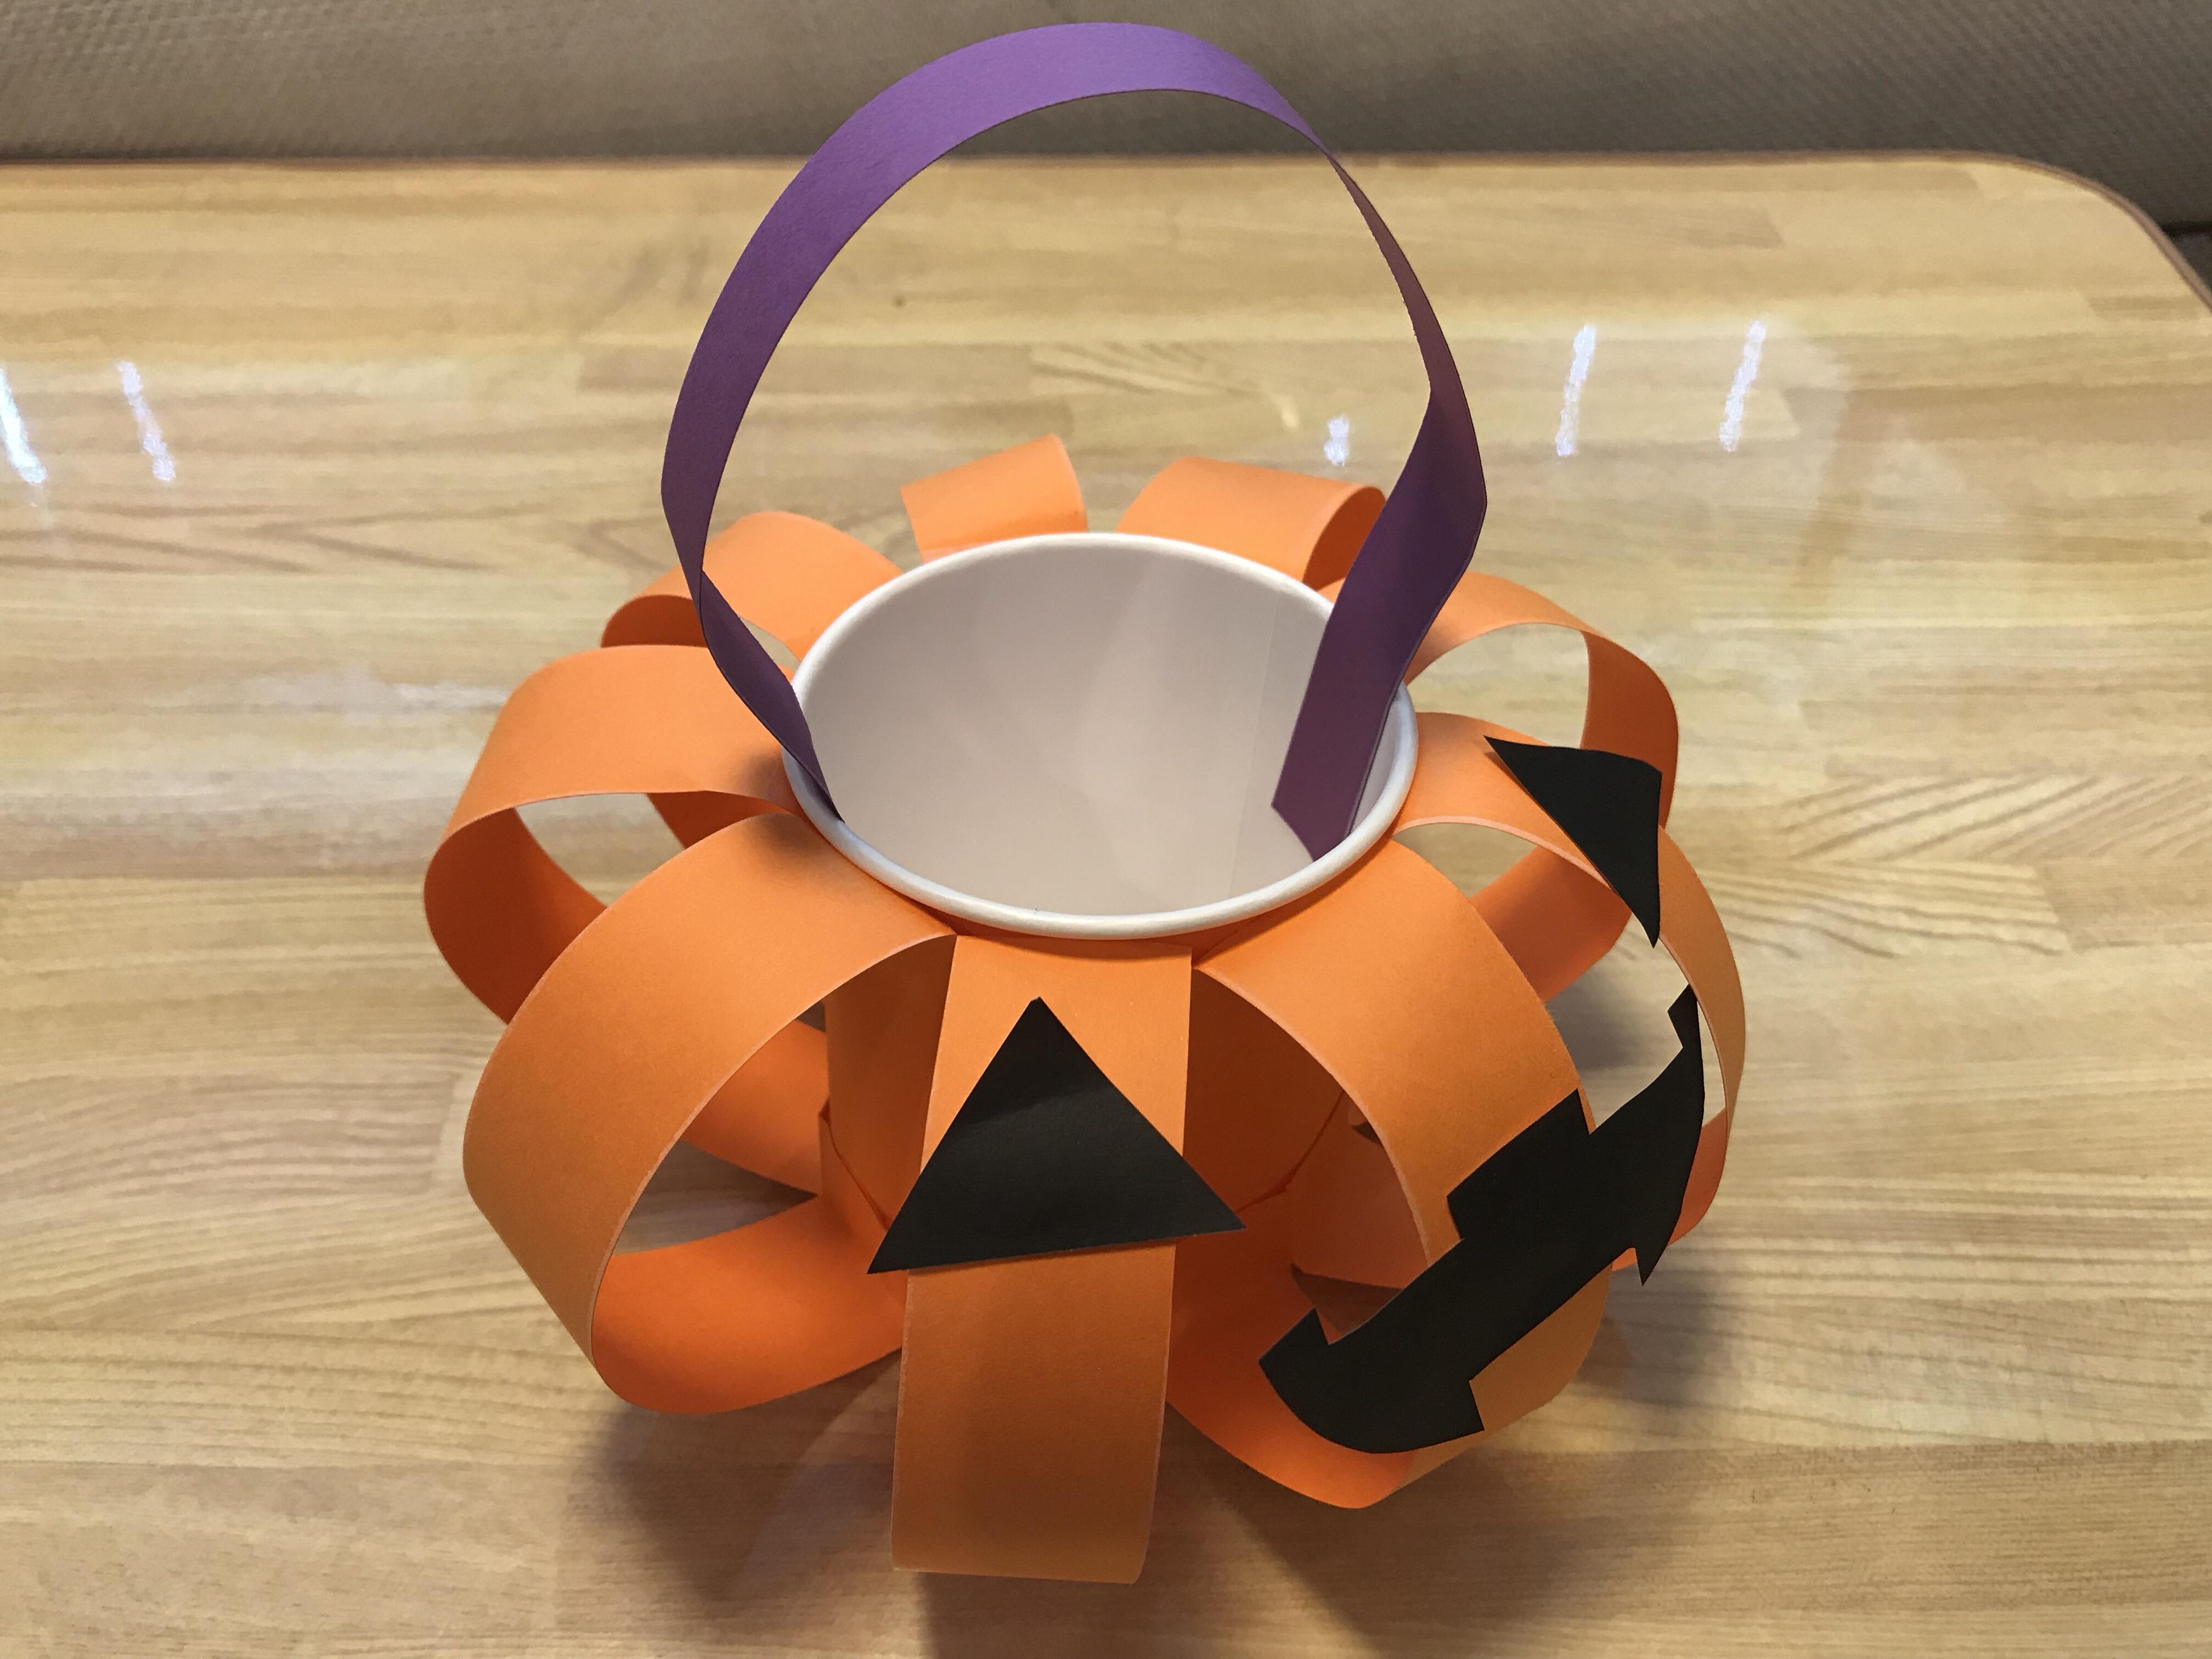 ハロウィン、ジャックオランタンのお菓子入れ物完成の写真!